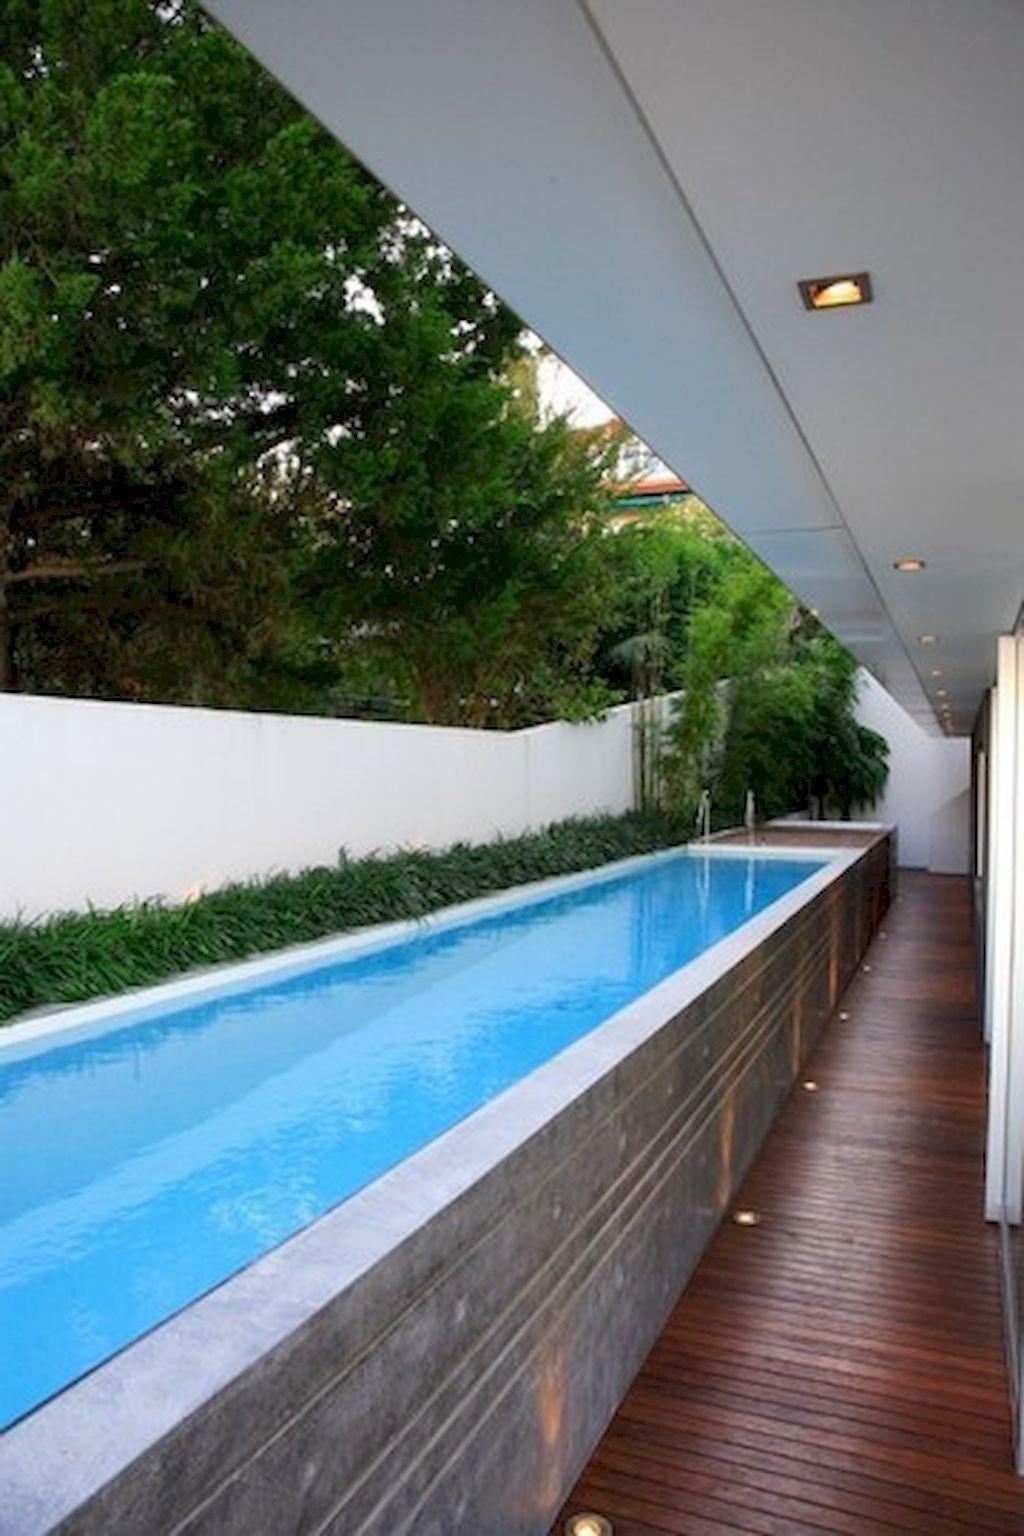 De cette façon, le dessus de la piscine peut être uniforme et au ras du sol, empêchant ainsi les débris et le sol environnant de remplir votre piscine après la pluie.